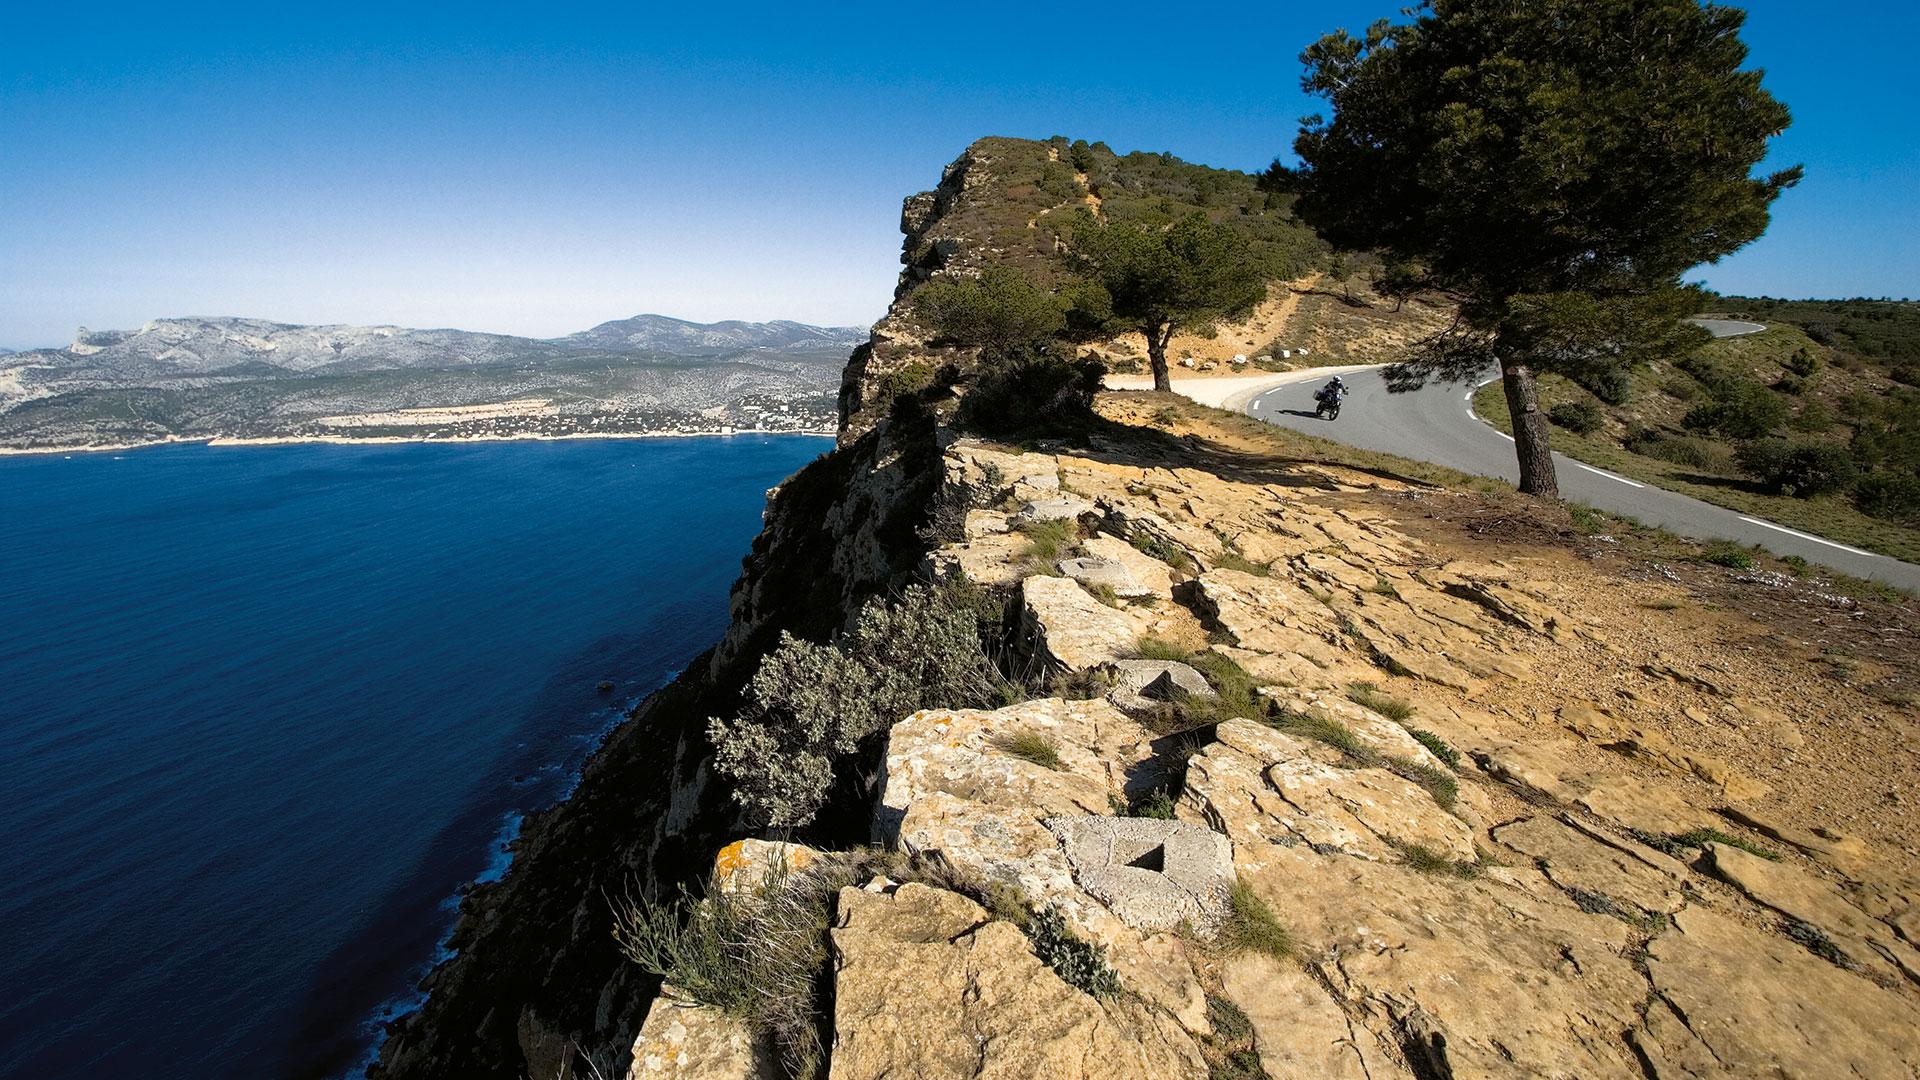 Côte Vermeille / Costa Brava - Banyuls-sur-Mer – El Port de la Selva